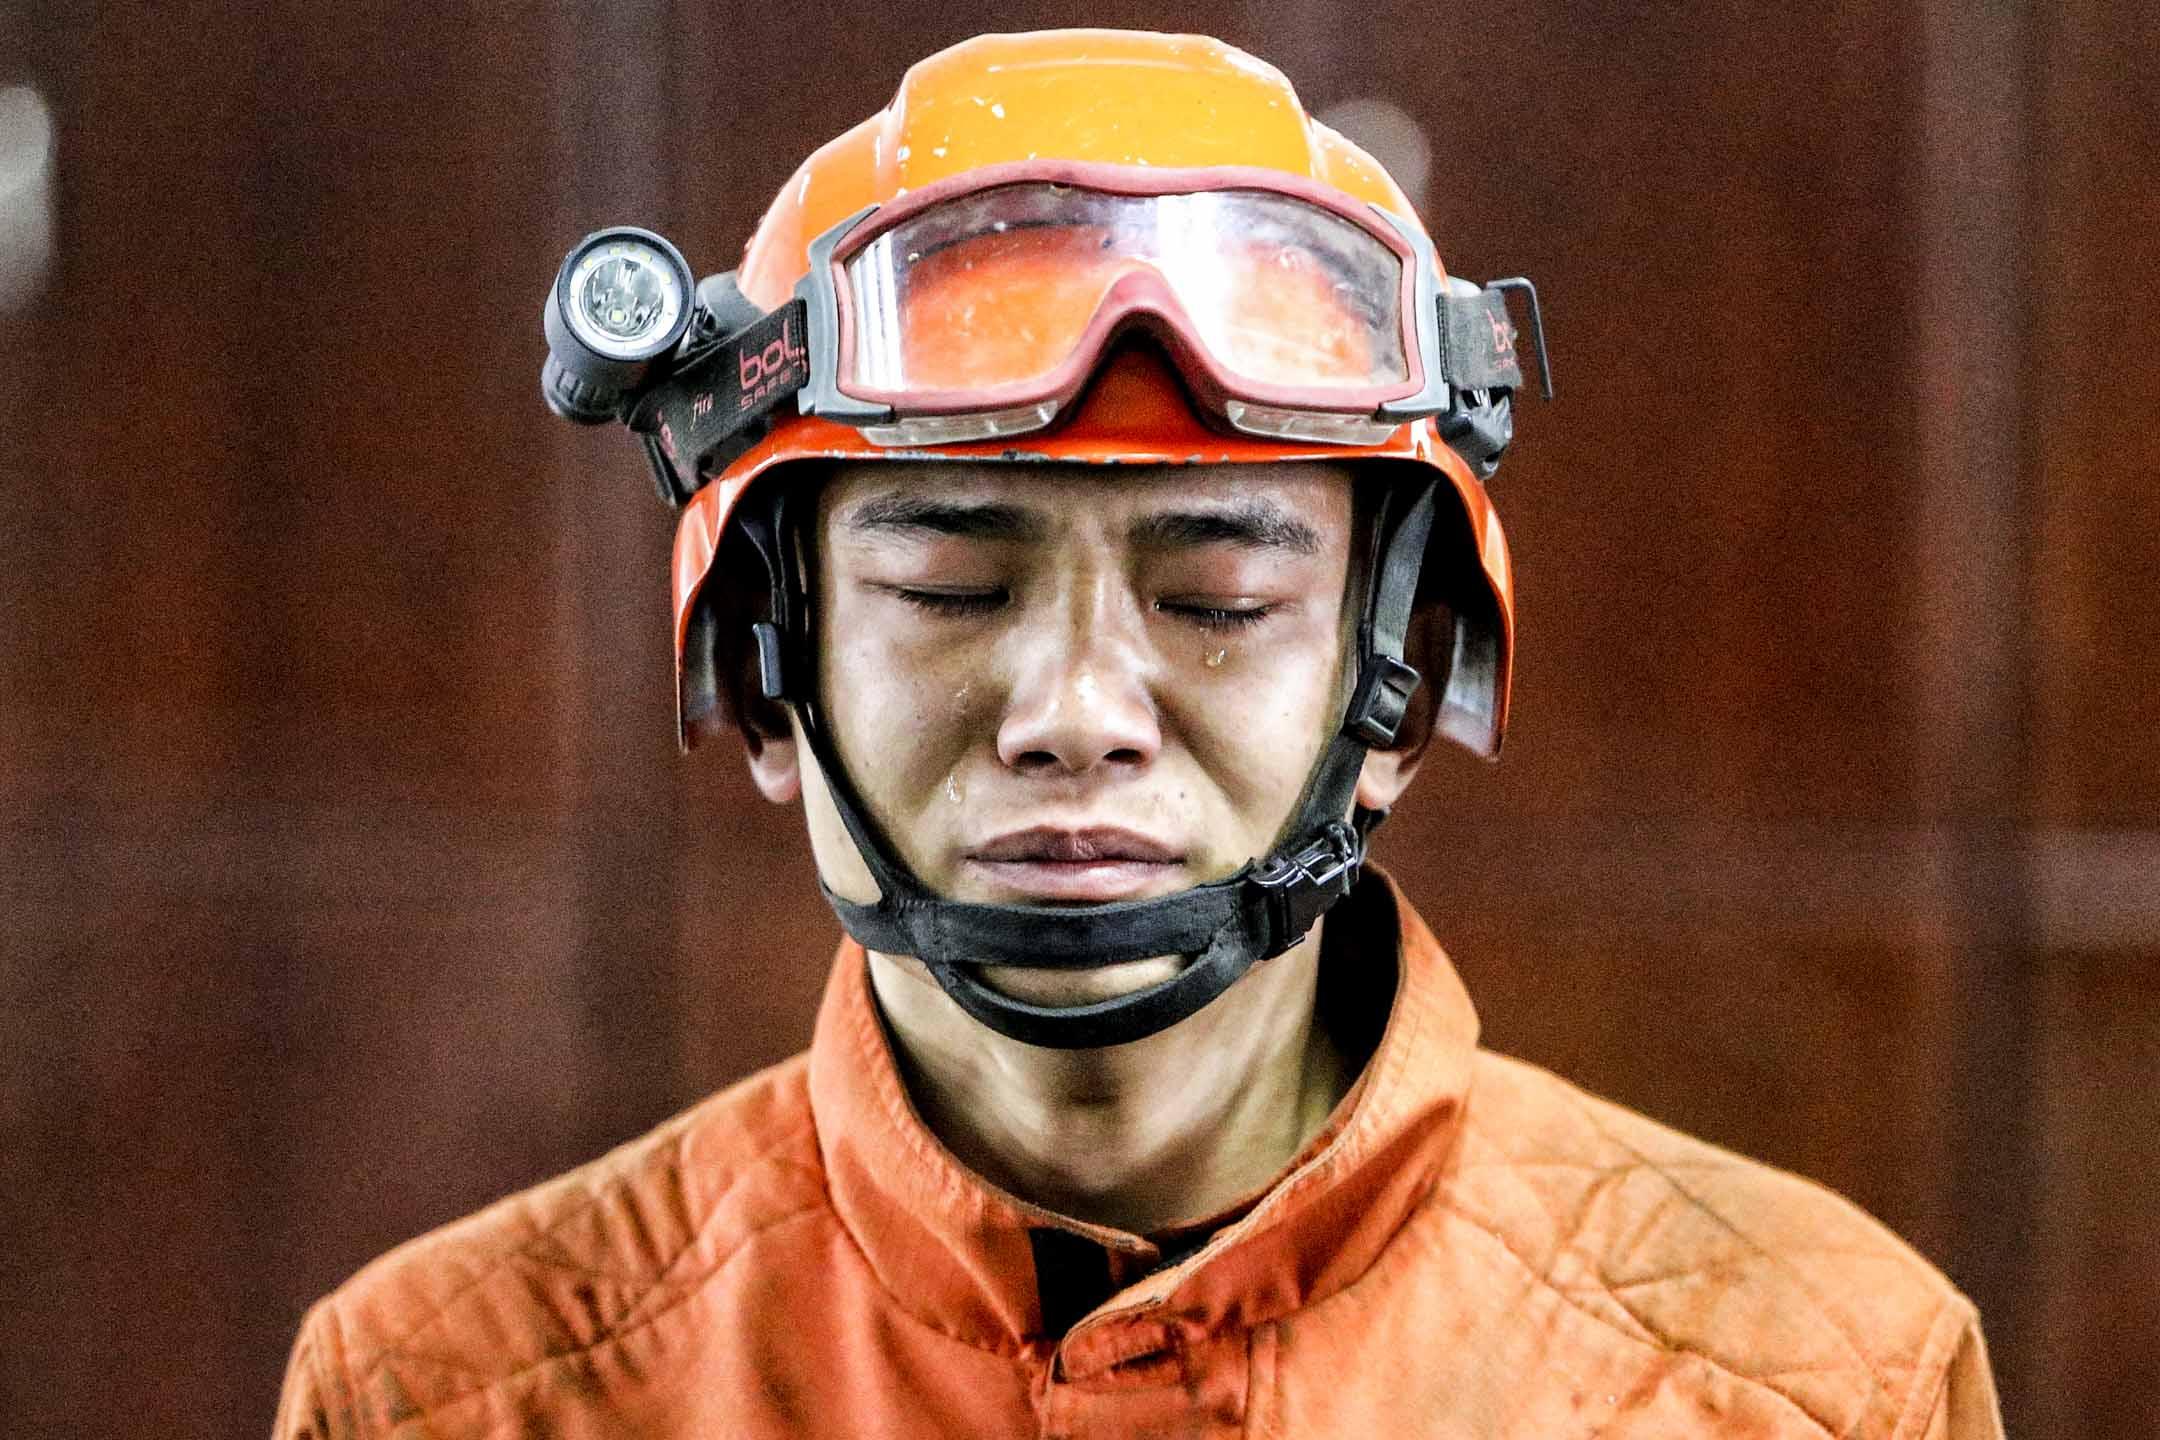 2019年4月3日,四川涼山大火造成27位消防員遇難,消防員趙茂是其中幸免於難的消防員,向記者講述救火經歷時流淚。 圖:IC photo